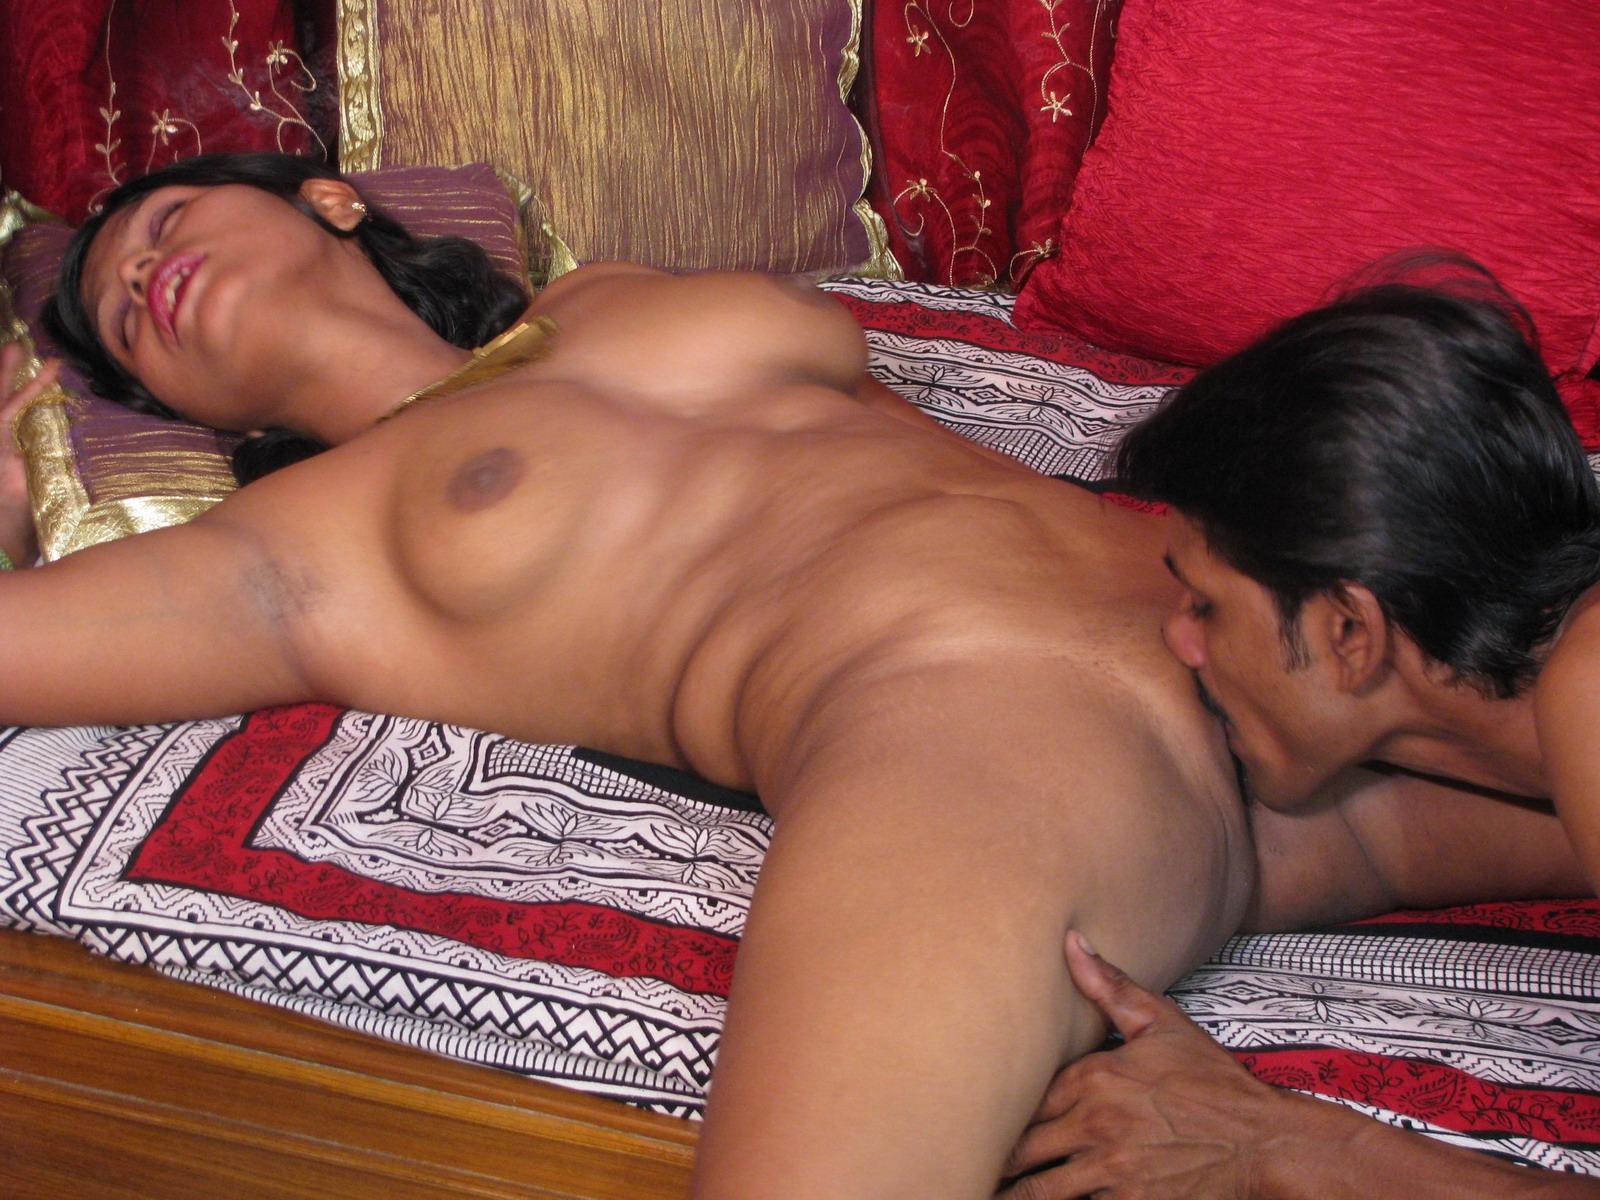 Смотреть бесплатно индийское порно пышных, Индийские толстушки - видео Bitch Flesh 13 фотография